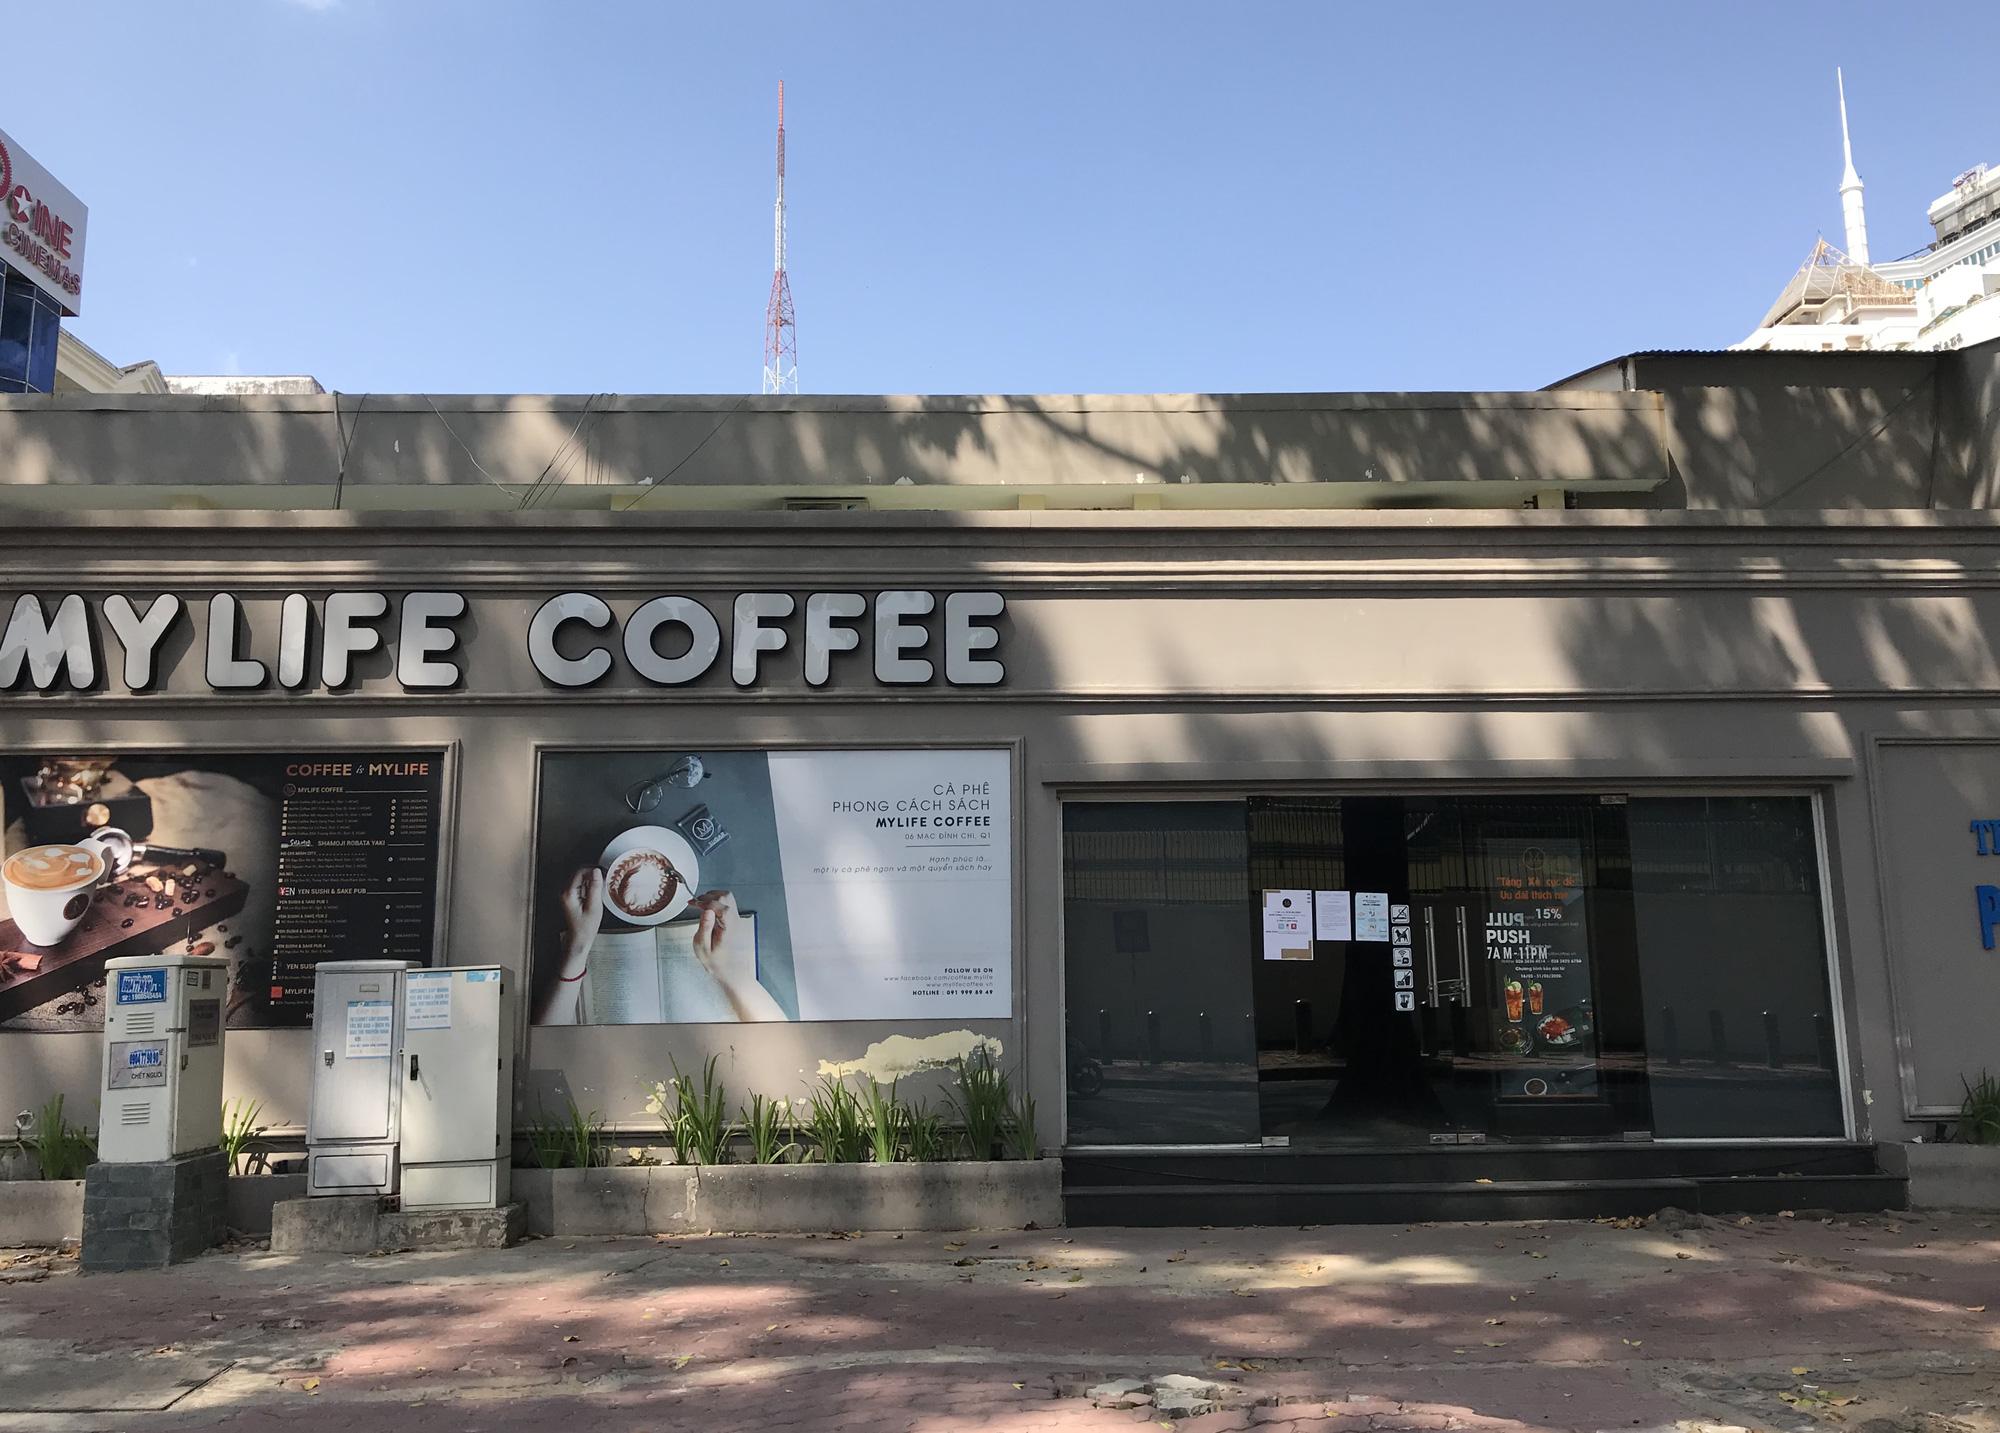 Tiệm vàng, Chanel, Gucci Sài Gòn cũng đóng cửa im ỉm phòng dịch Covid-19 - Ảnh 6.